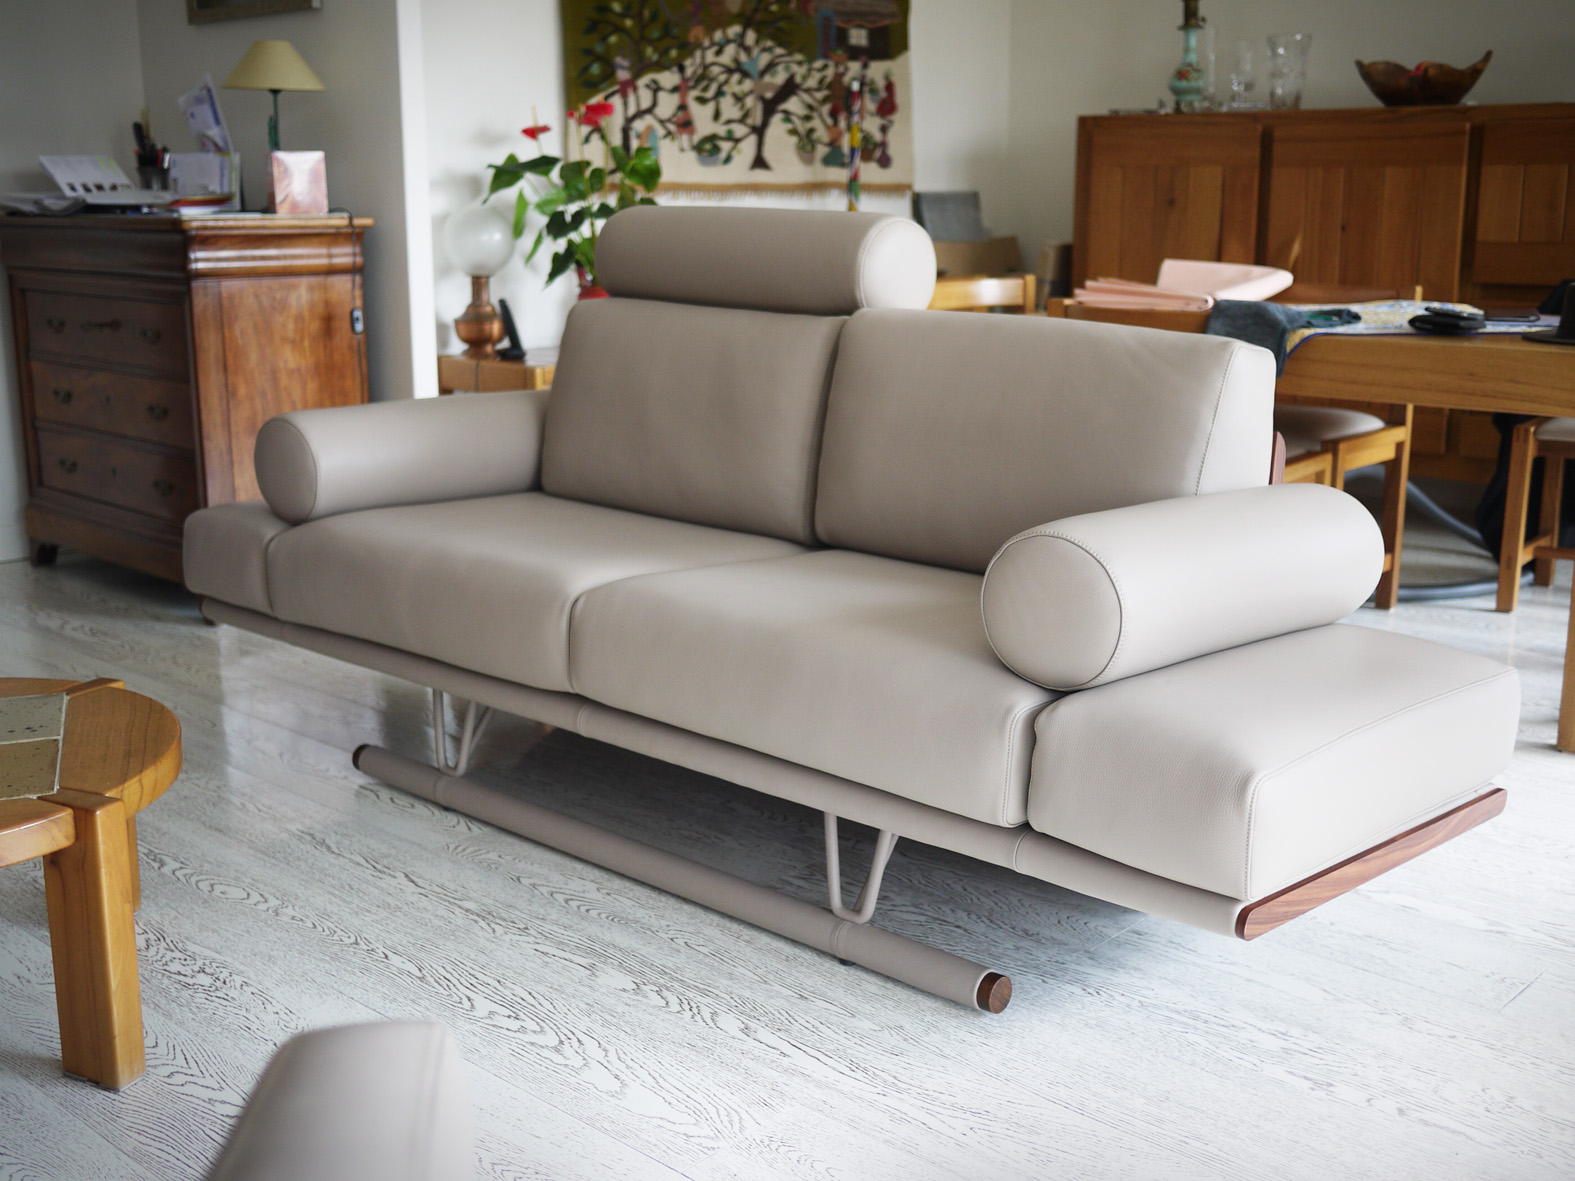 fauteuils de relaxation l 39 album photo des collections jandri et swann. Black Bedroom Furniture Sets. Home Design Ideas